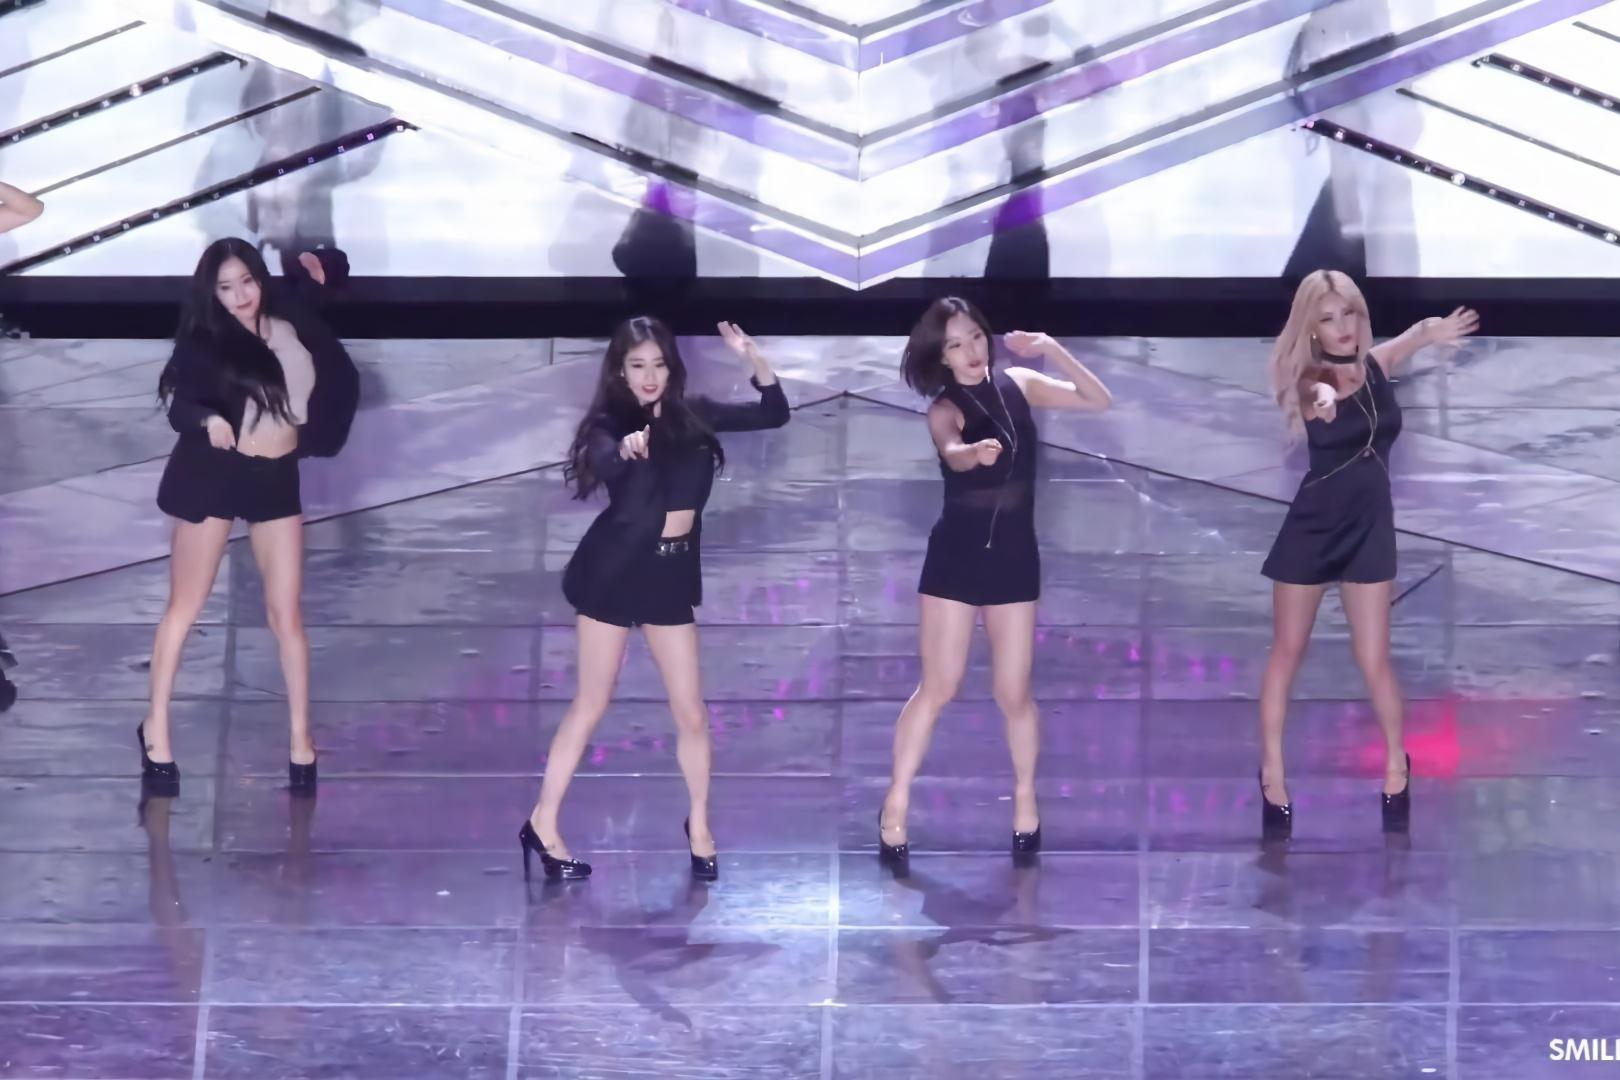 韩国女团.电影热舞-超短裤凸显大长腿-好美啊性感巨性感乳的图片